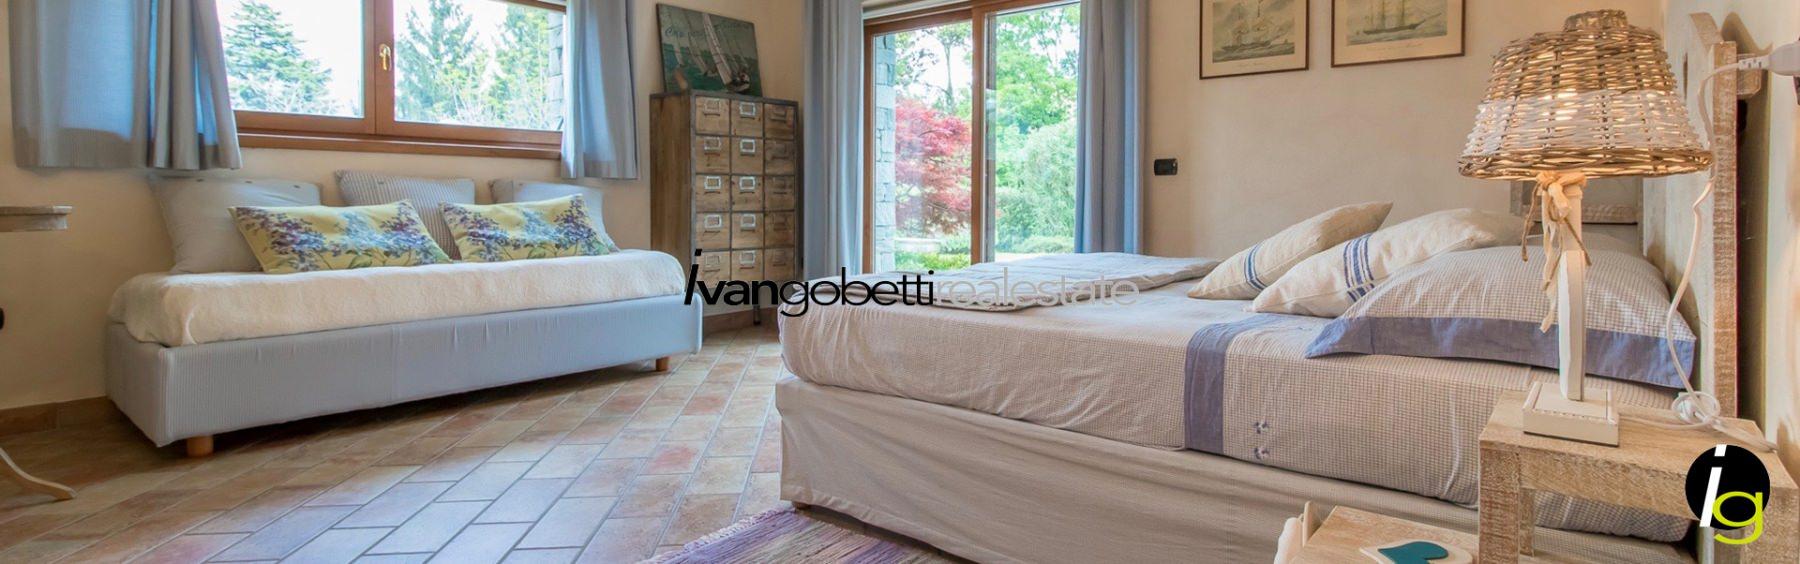 Lake Como, Menaggio villa with pool and lake view for sale